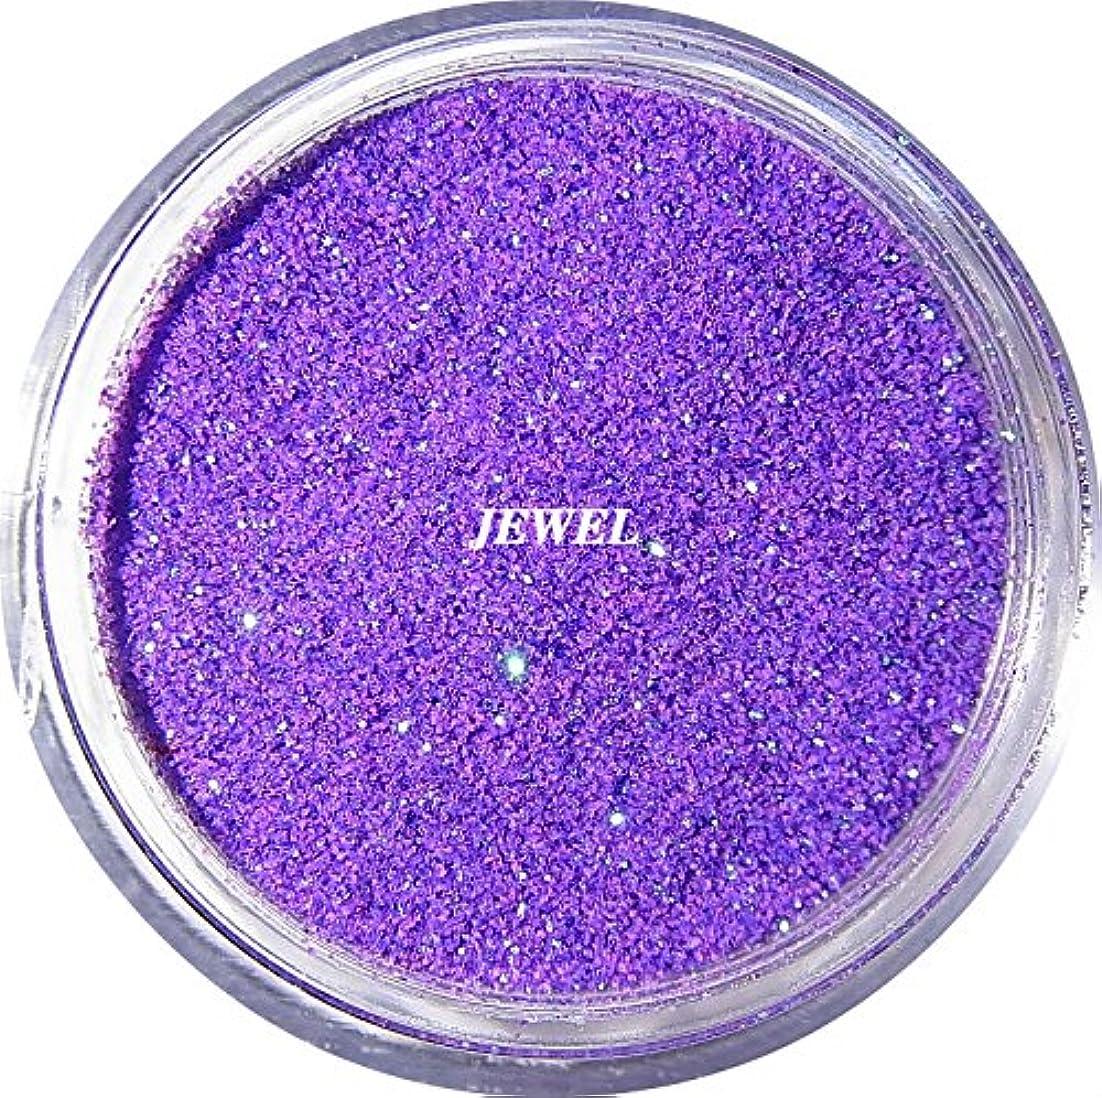 理解する微生物発表【jewel】 超微粒子ラメパウダーたっぷり2g入り 12色から選択可能 レジン&ネイル用 (パープル)